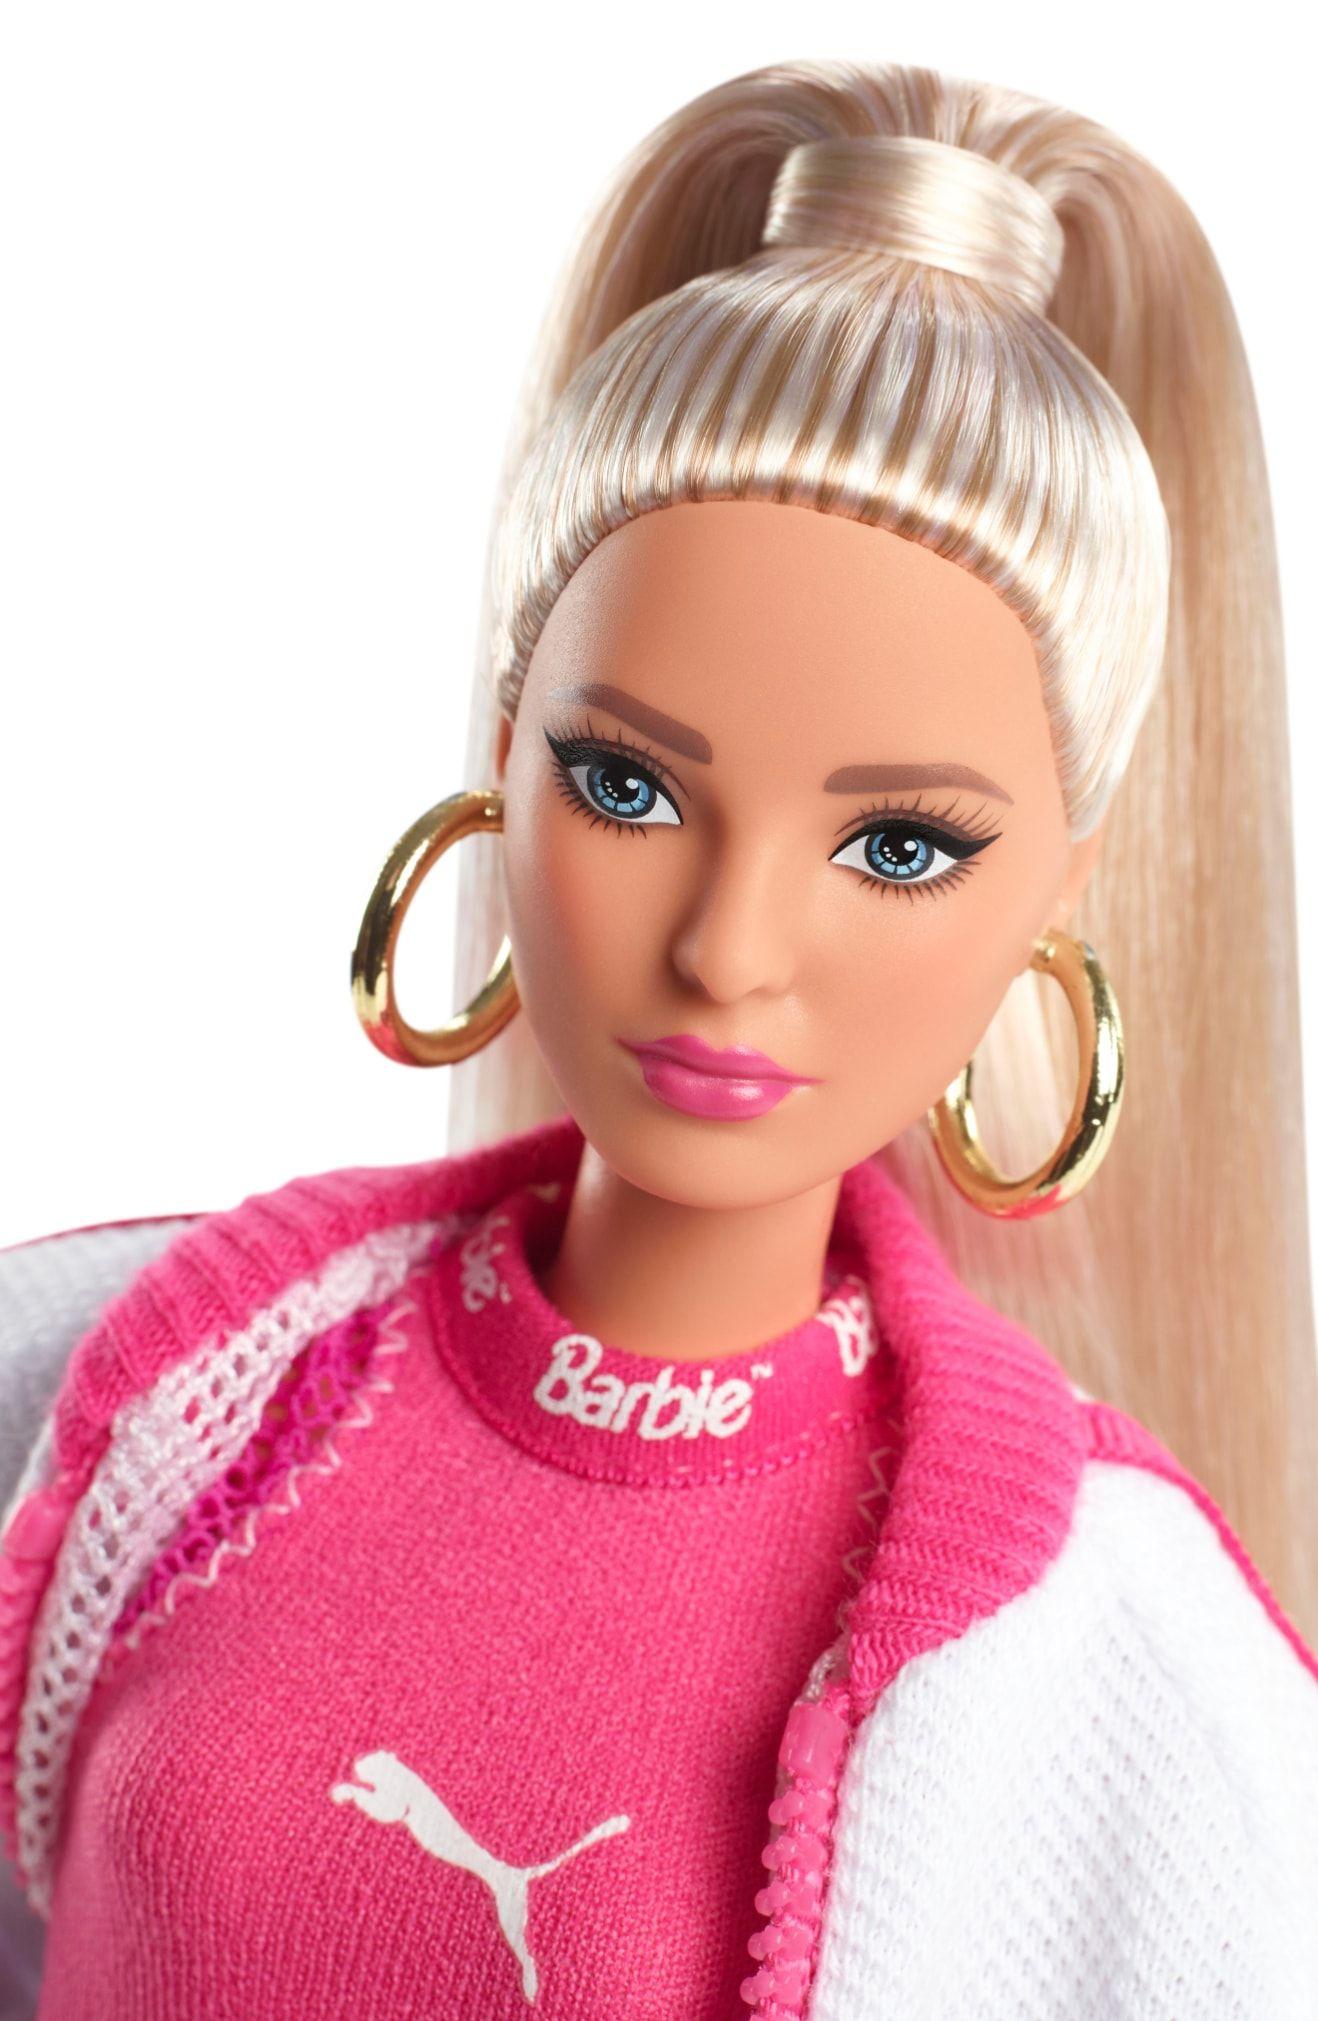 b2804a780ba Image result for barbie puma doll